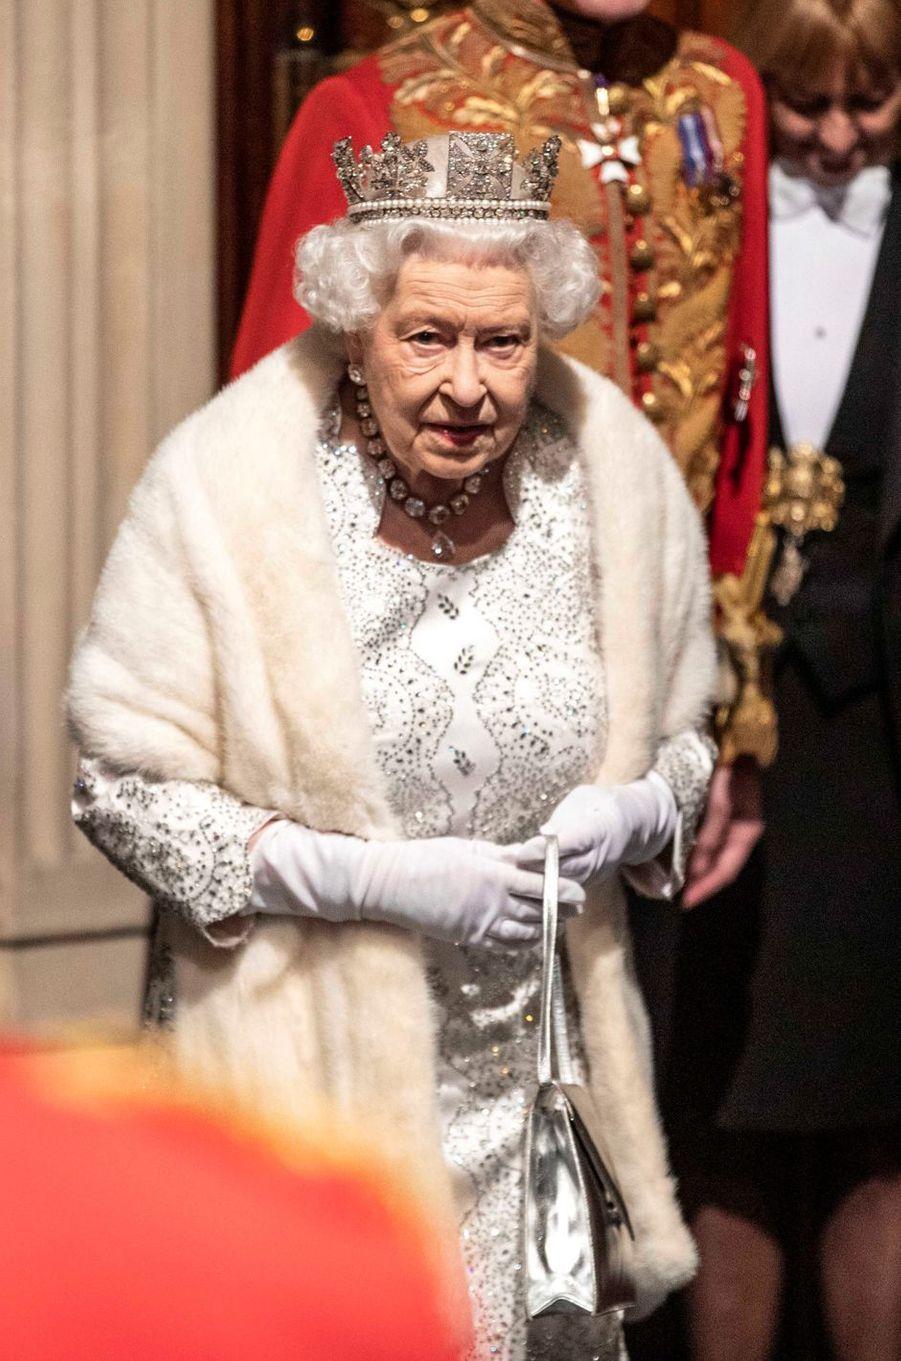 La reine Elizabeth II coiffé du diadème d'apparat de George IV au Parlement à Londres, le 14 octobre 2019